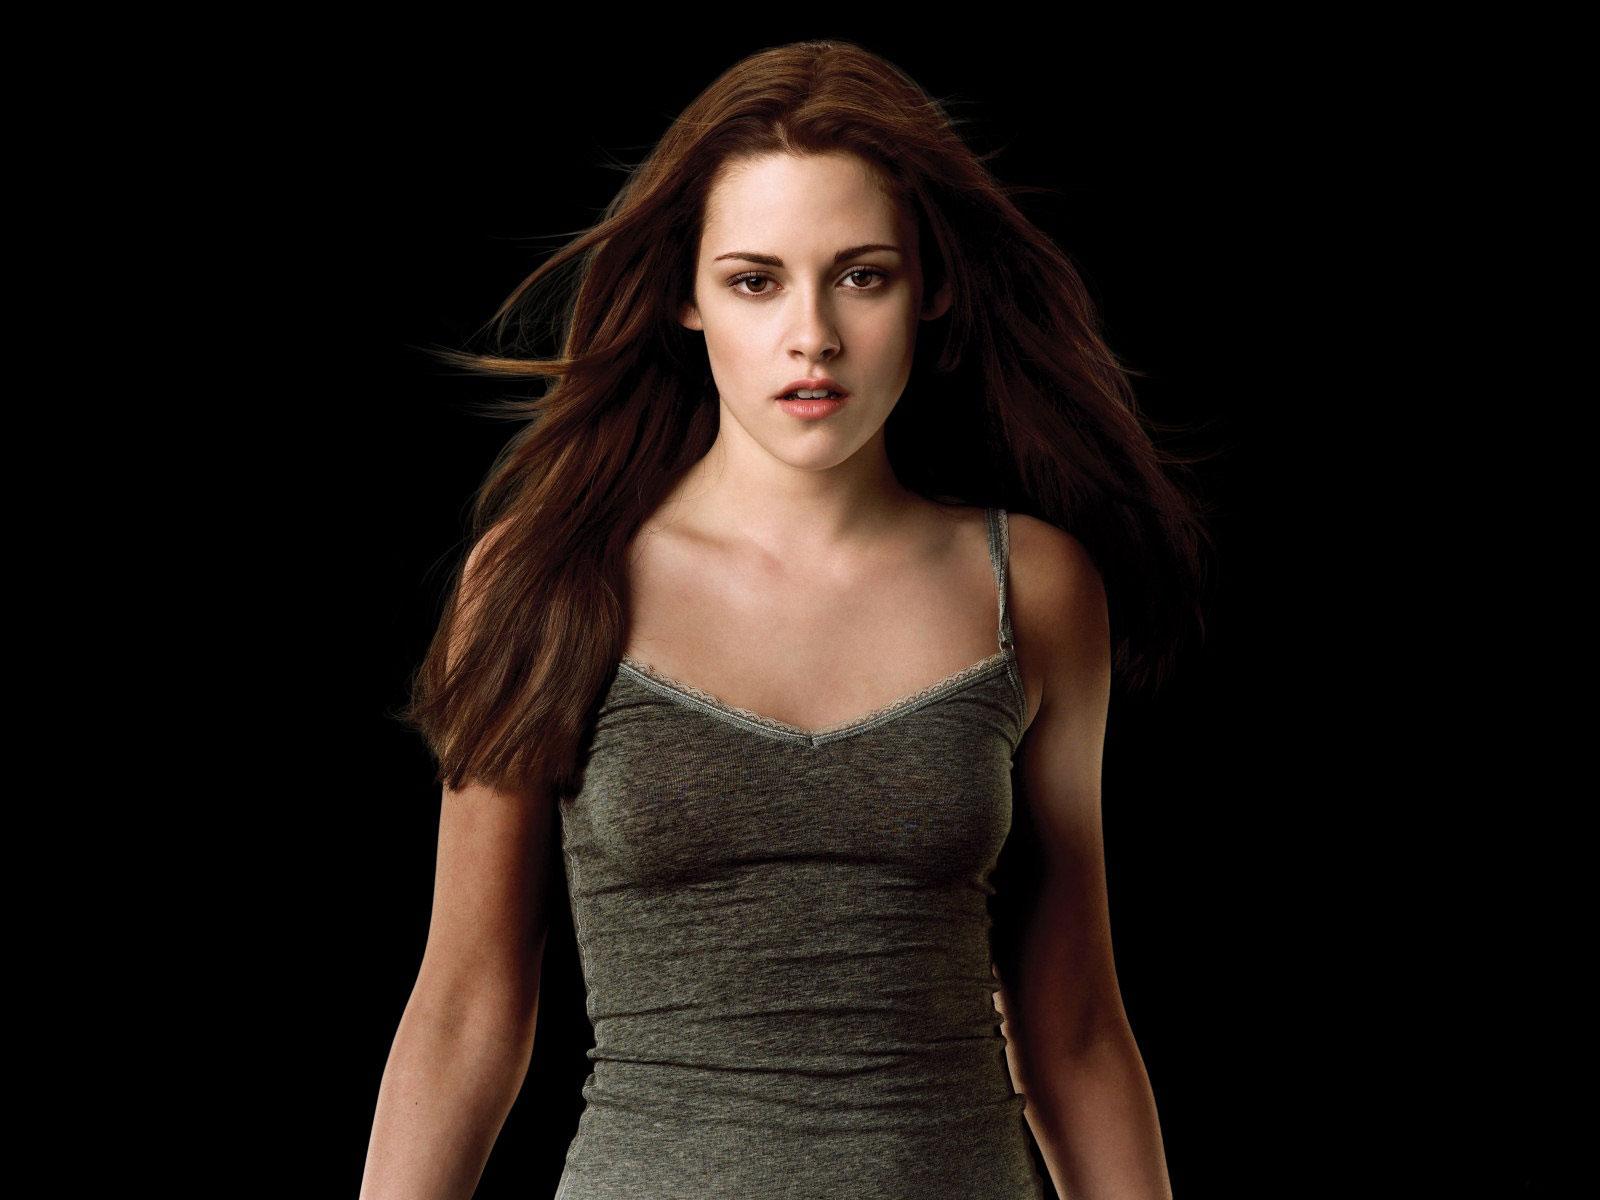 http://4.bp.blogspot.com/-E2lgcChyeI0/Tf7kzu4zzYI/AAAAAAAAAdY/NXYBwp6ajzg/s1600/kristen_stewart_twilight_actress-normal.jpg